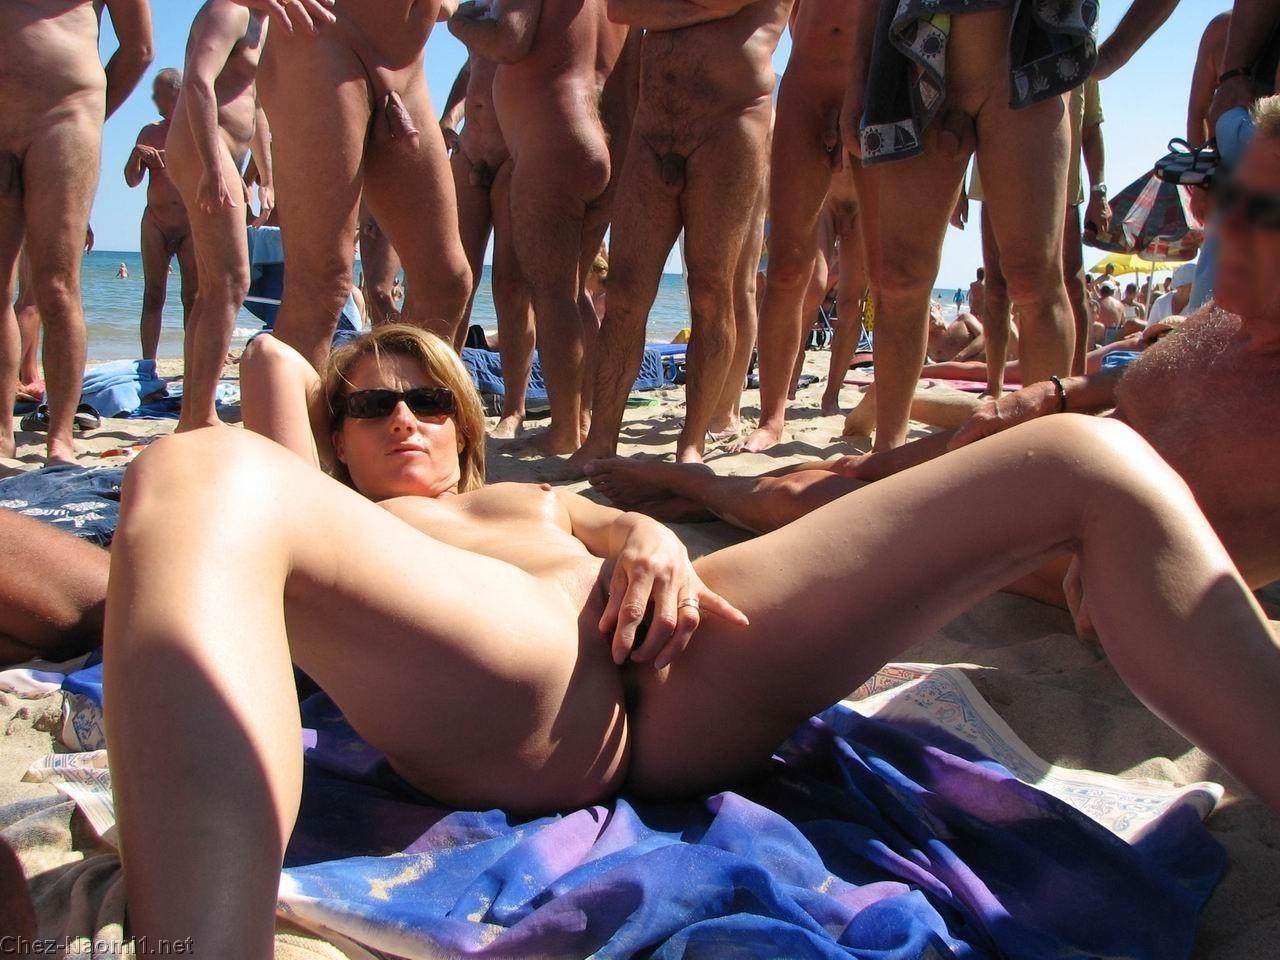 Nudist beach sex public